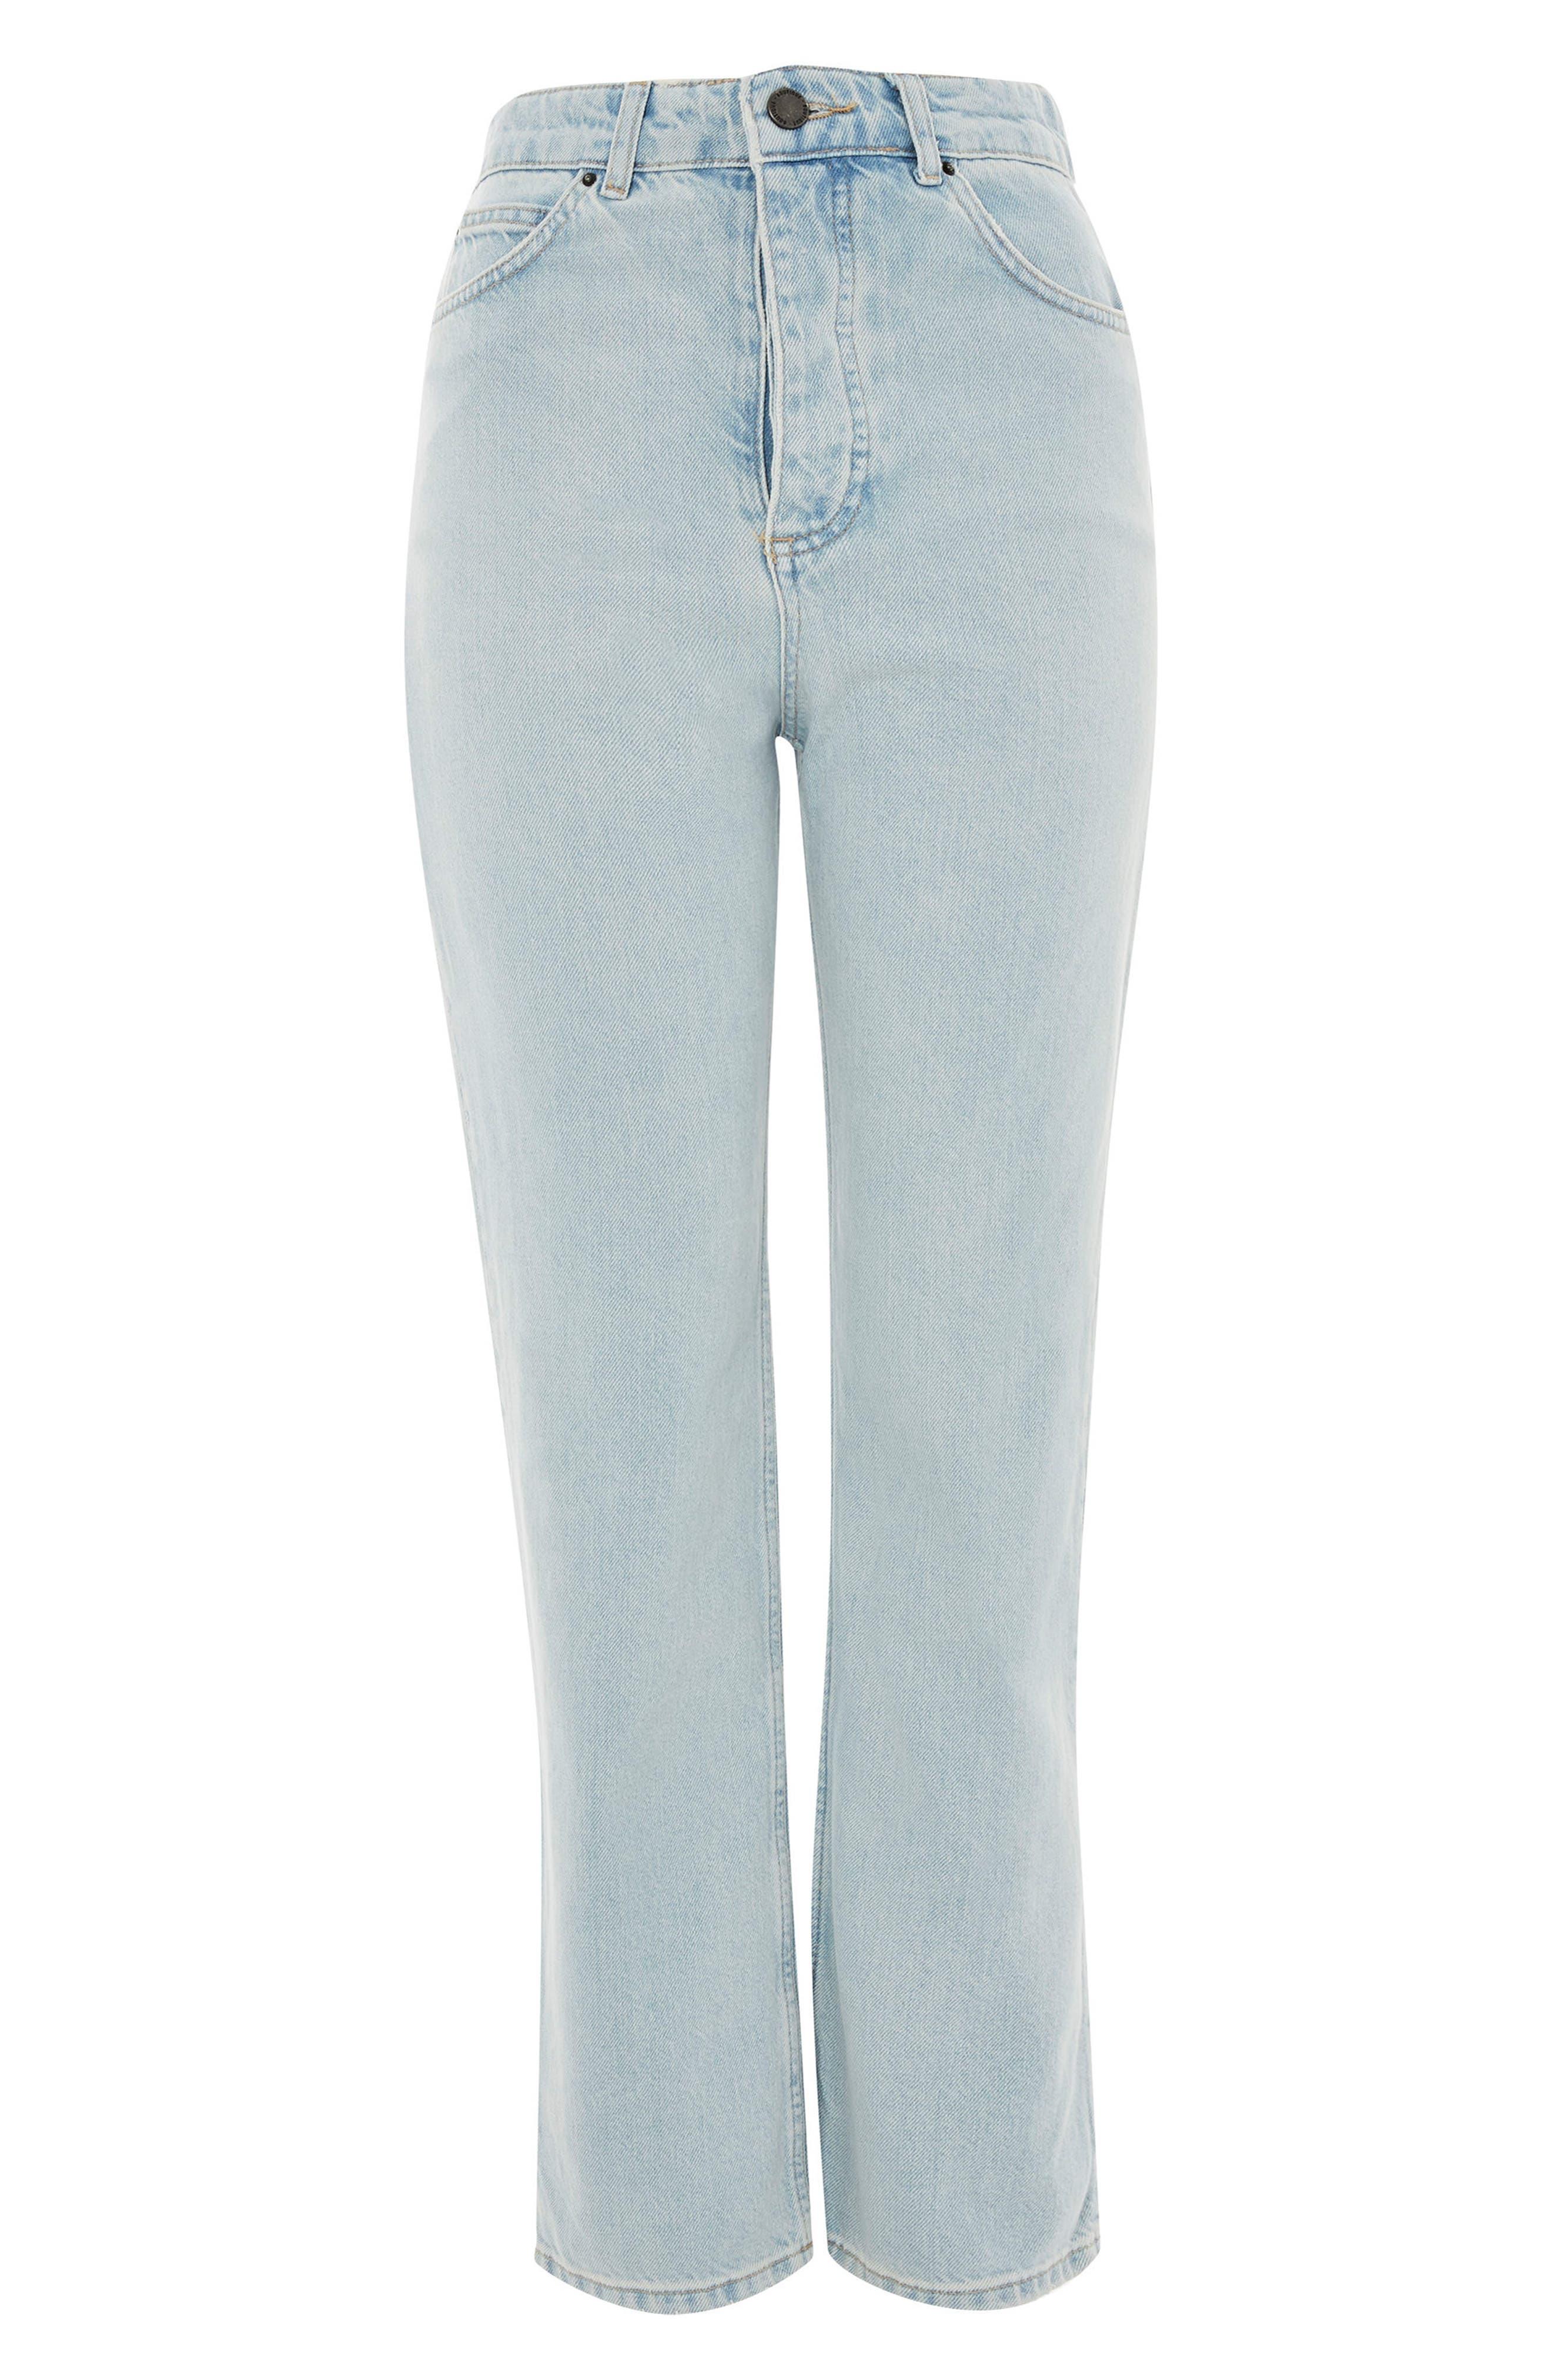 Boutique Bleach Denim Jeans,                             Main thumbnail 1, color,                             Light Denim